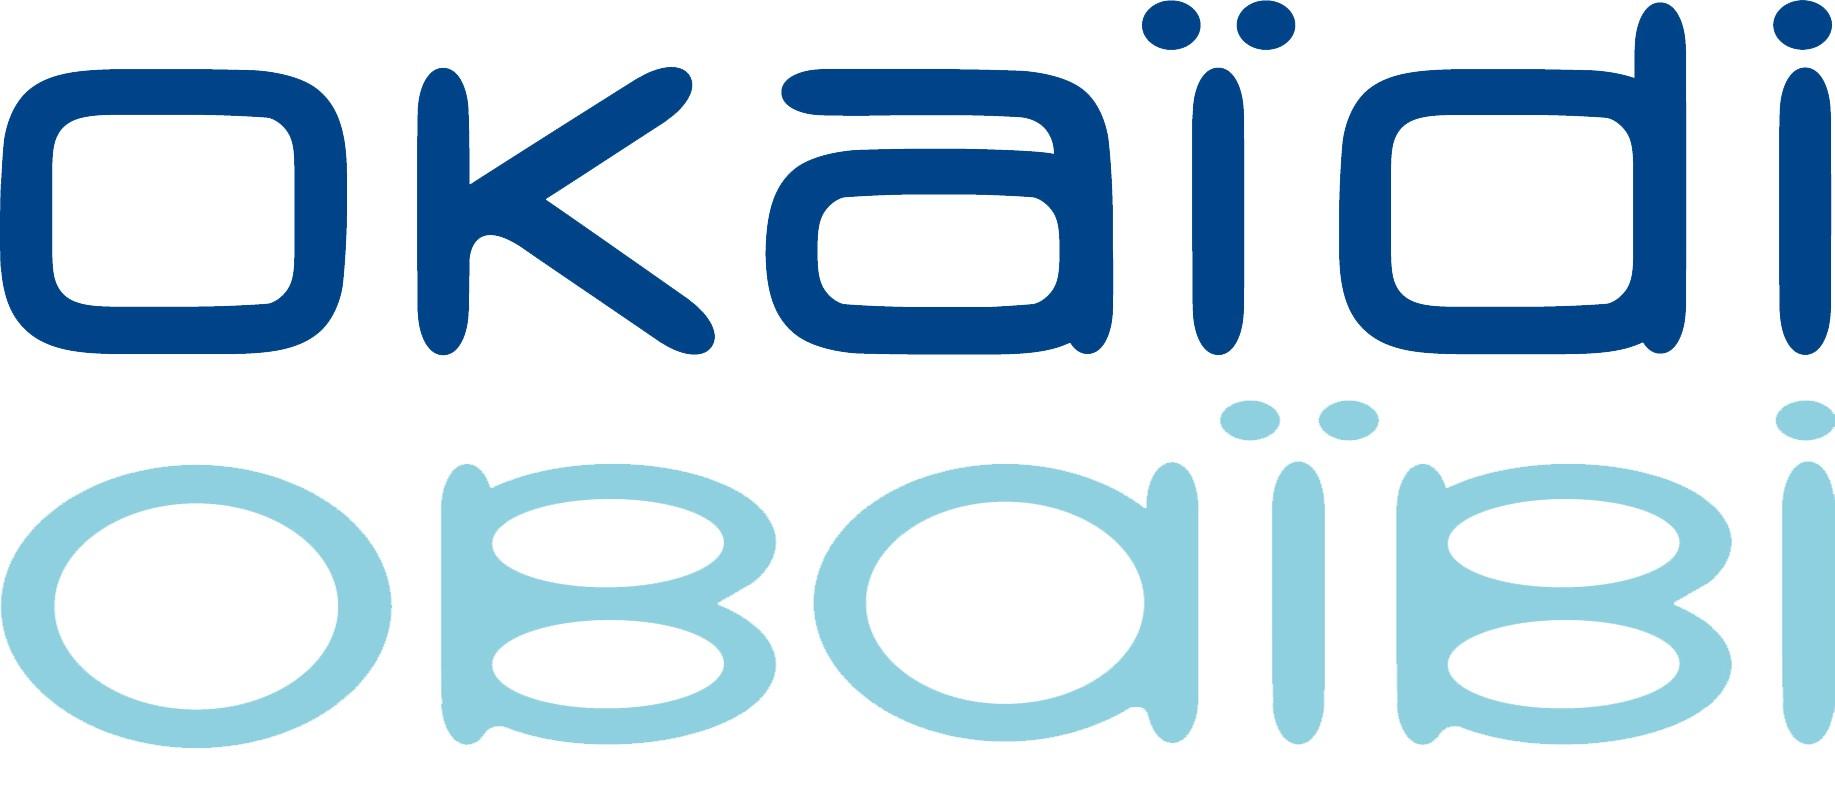 Obaibi-Okaidi